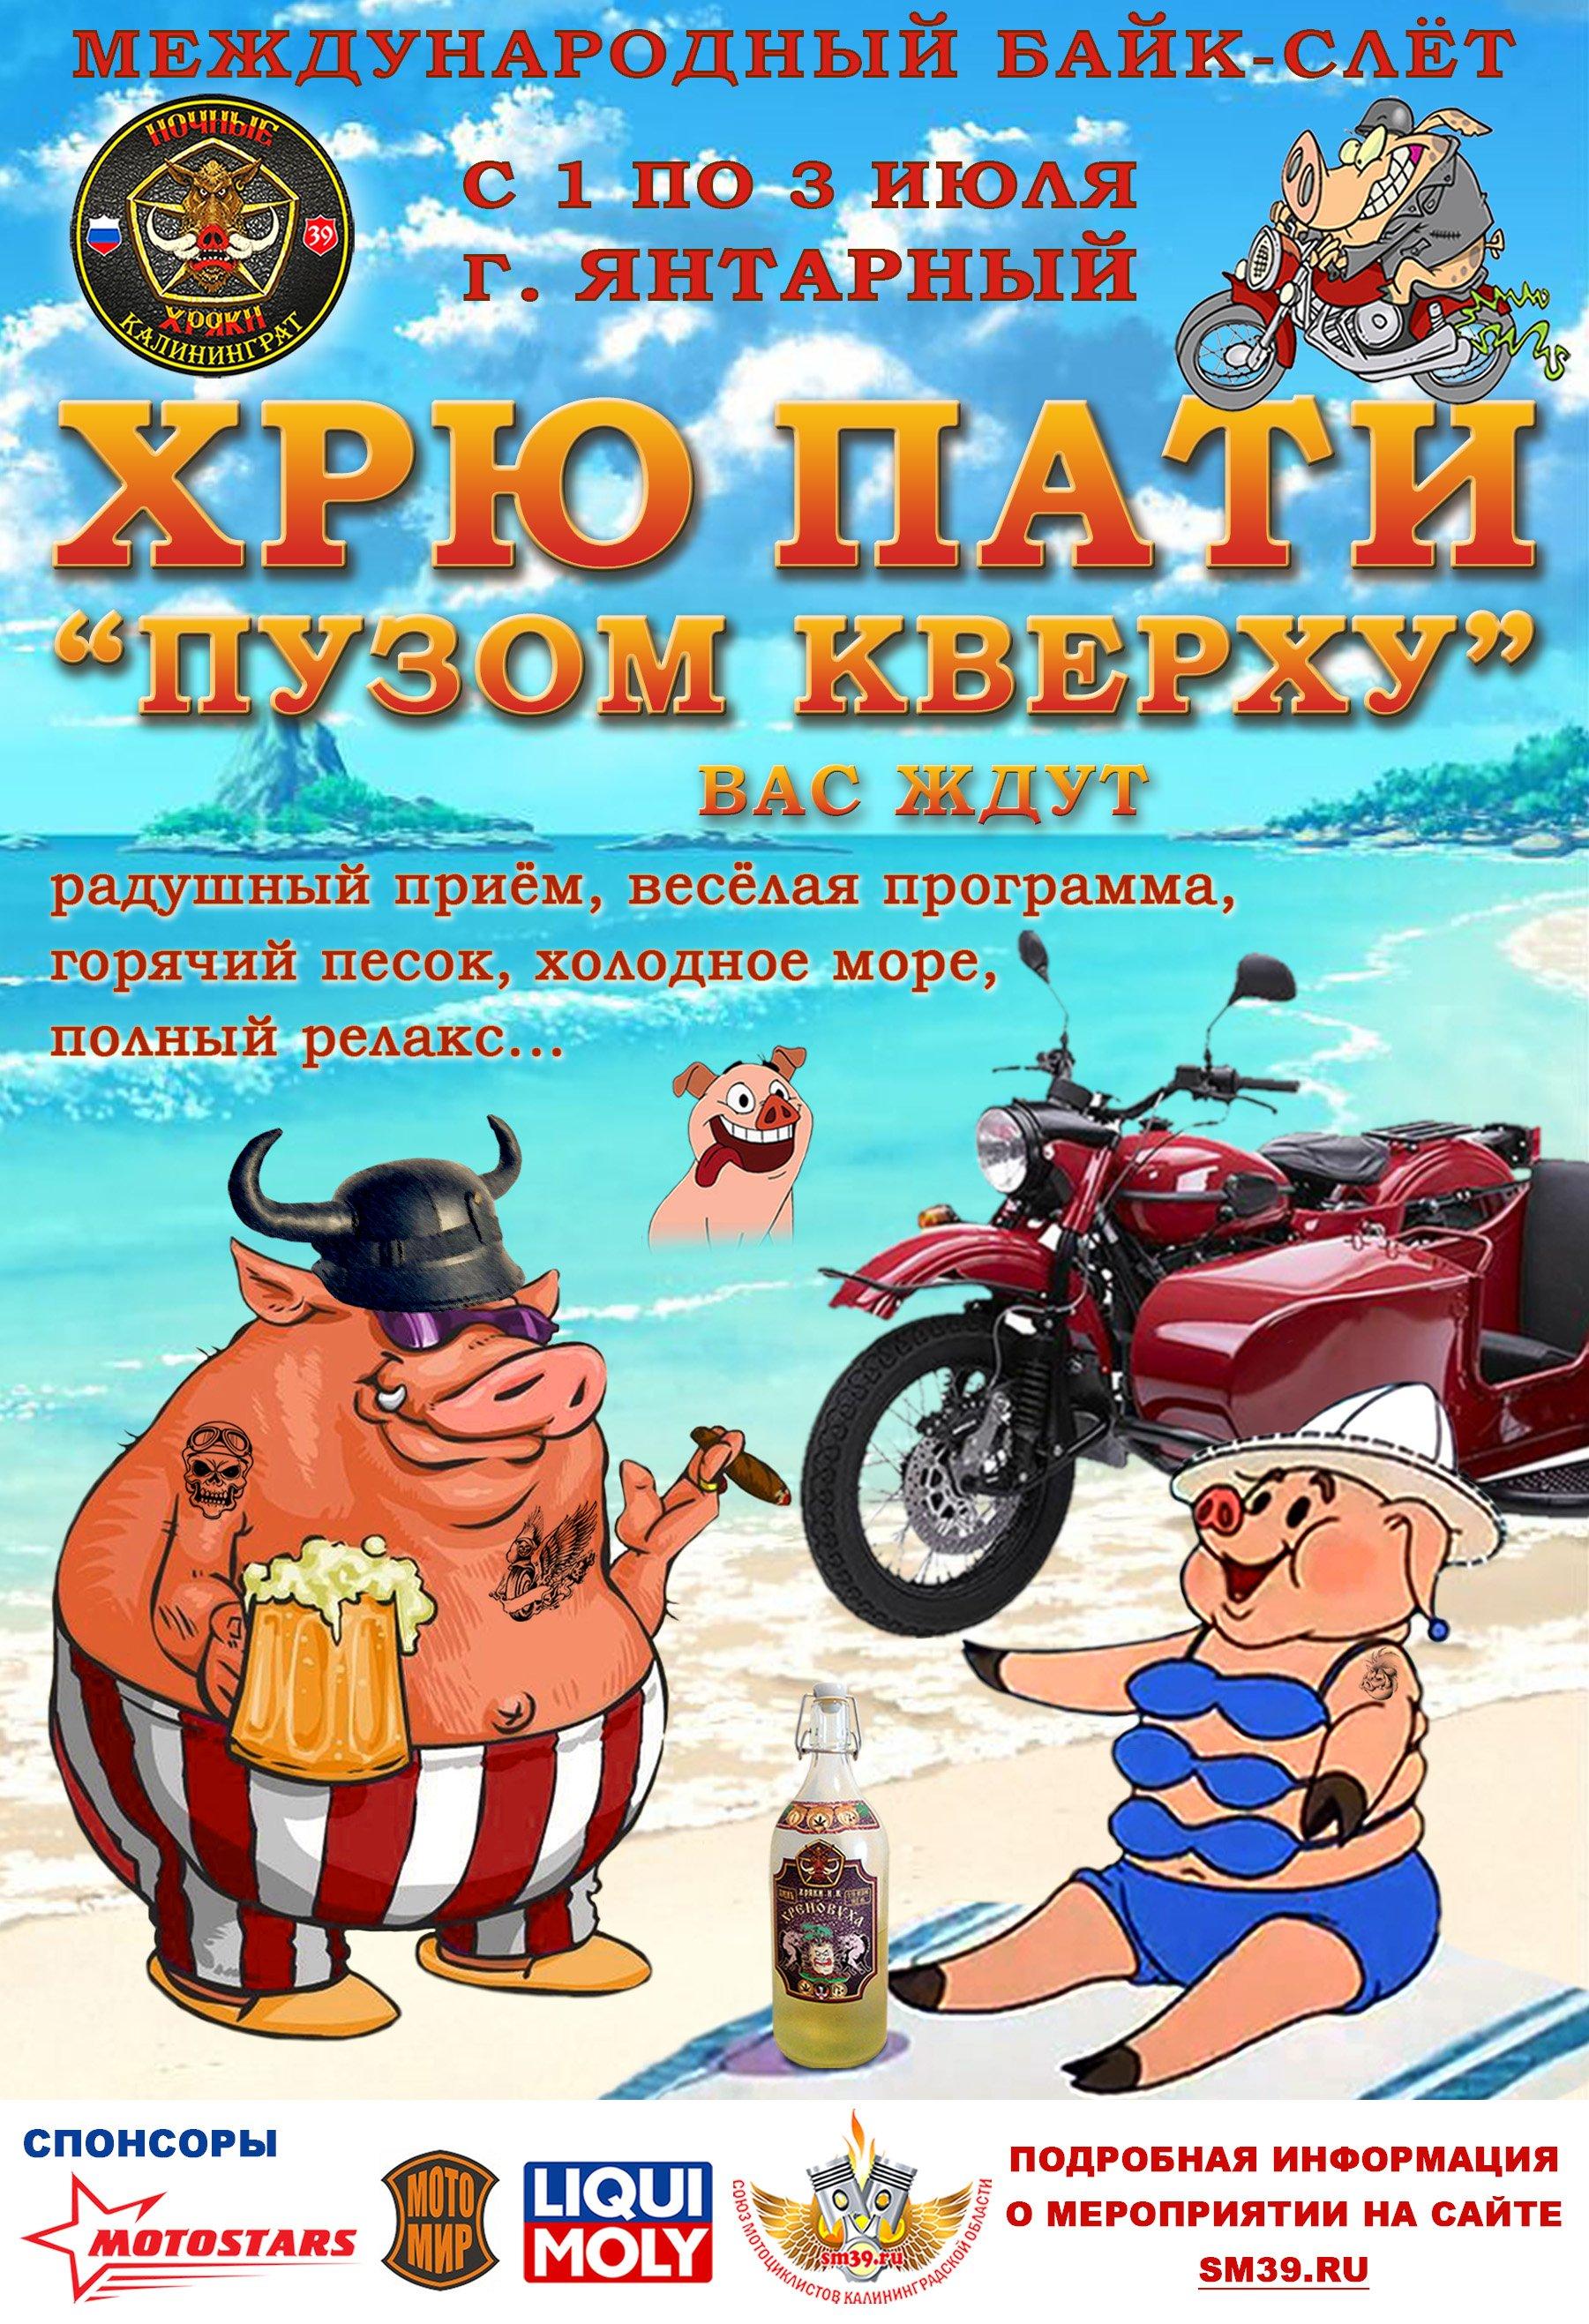 """01 -03 июля 2016, ХРЮ ПАТИ """"ПУЗОМ КВЕРХУ!"""""""